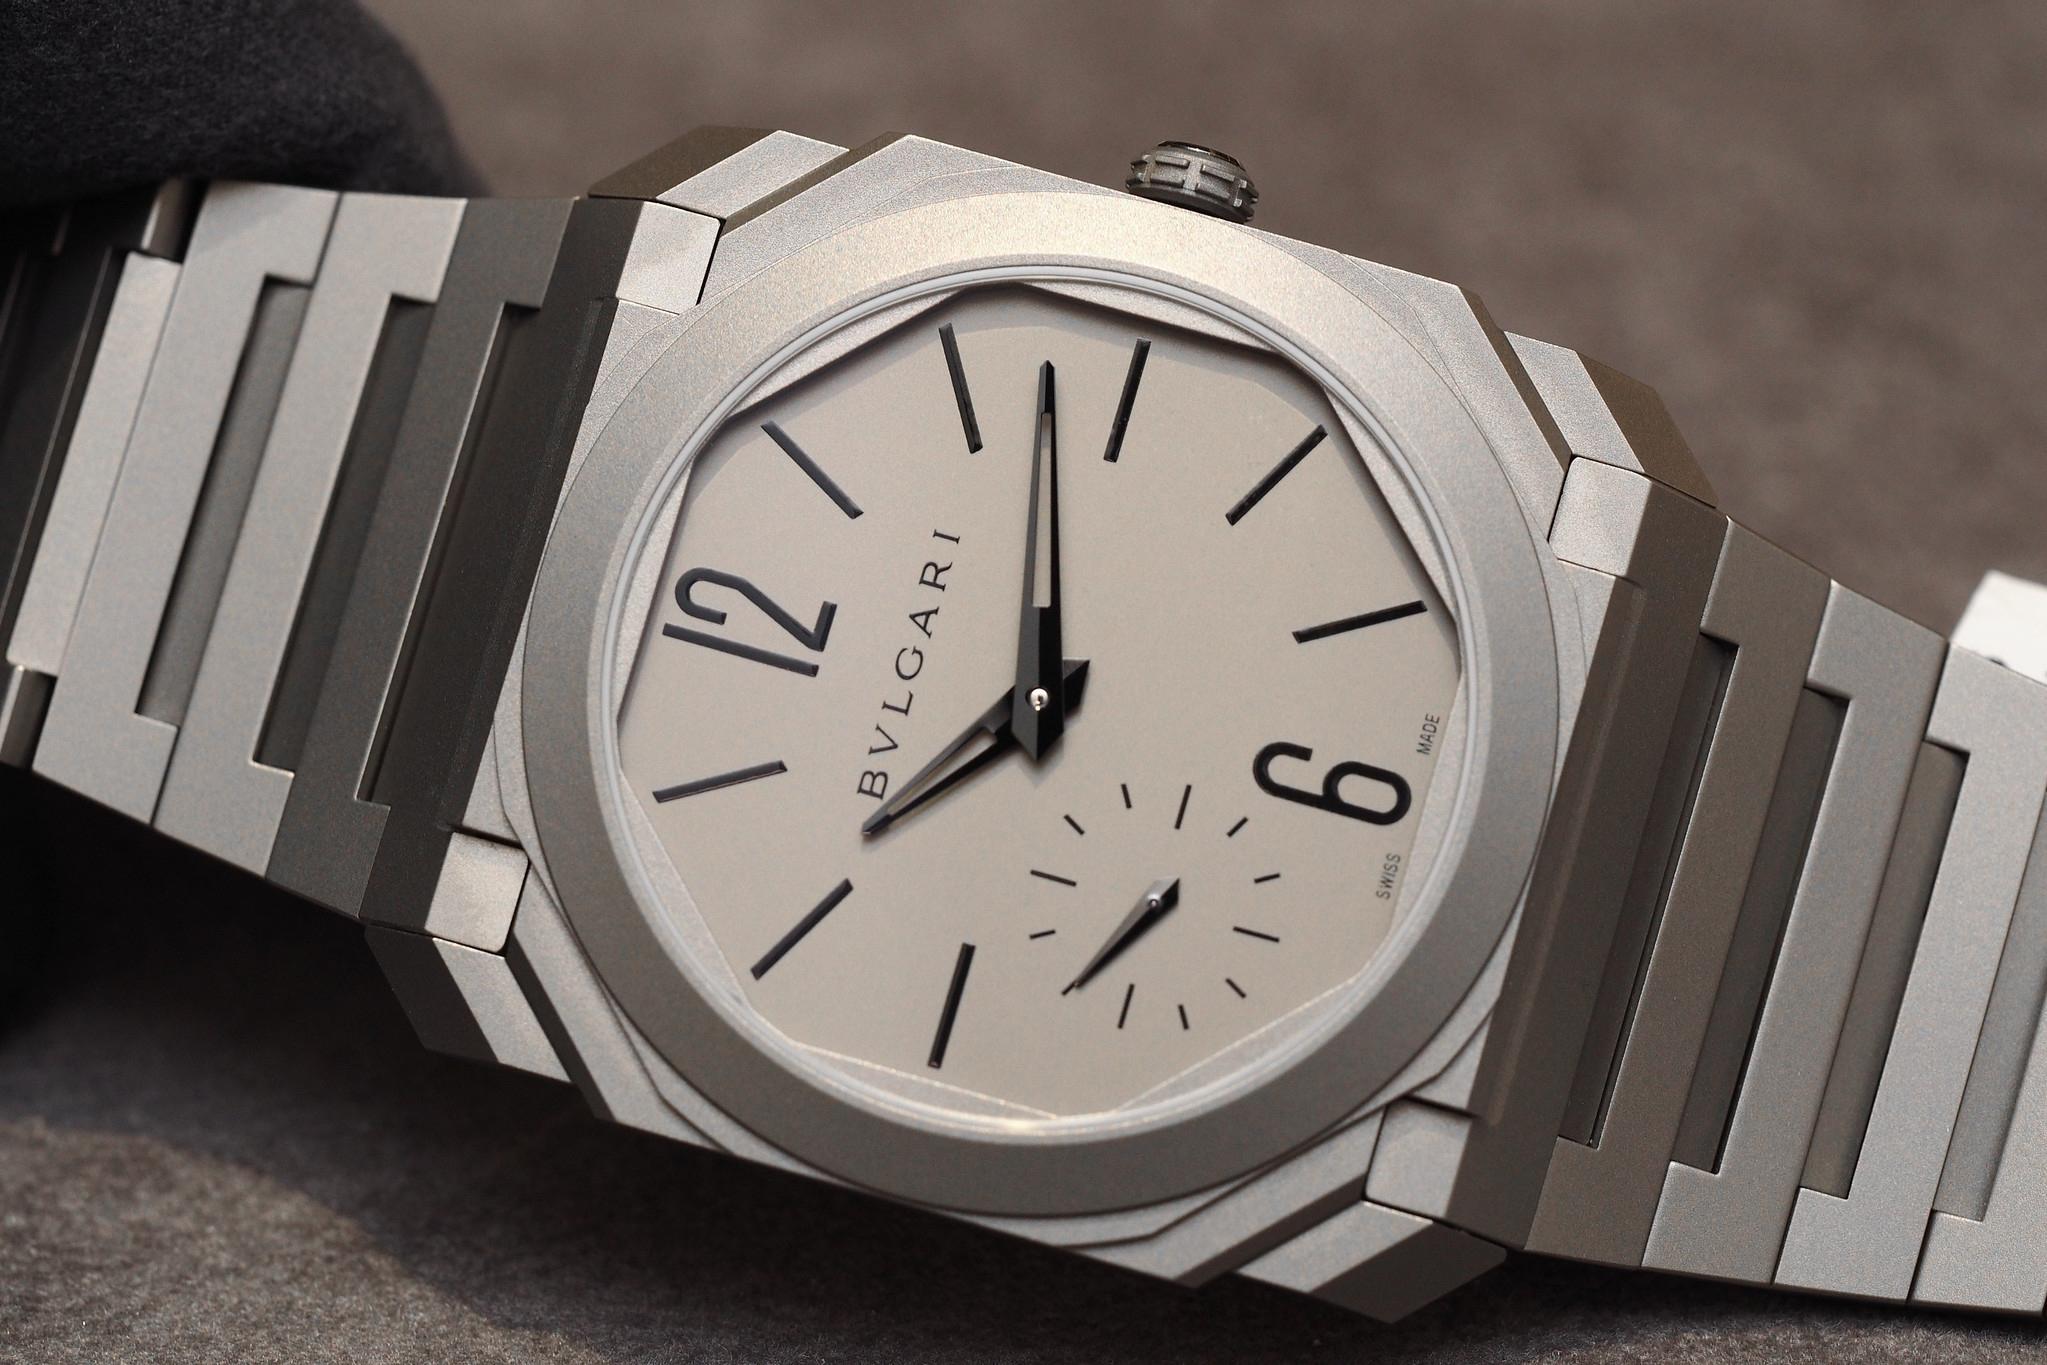 Bulgari Octo Finissimo Automatic Titanium